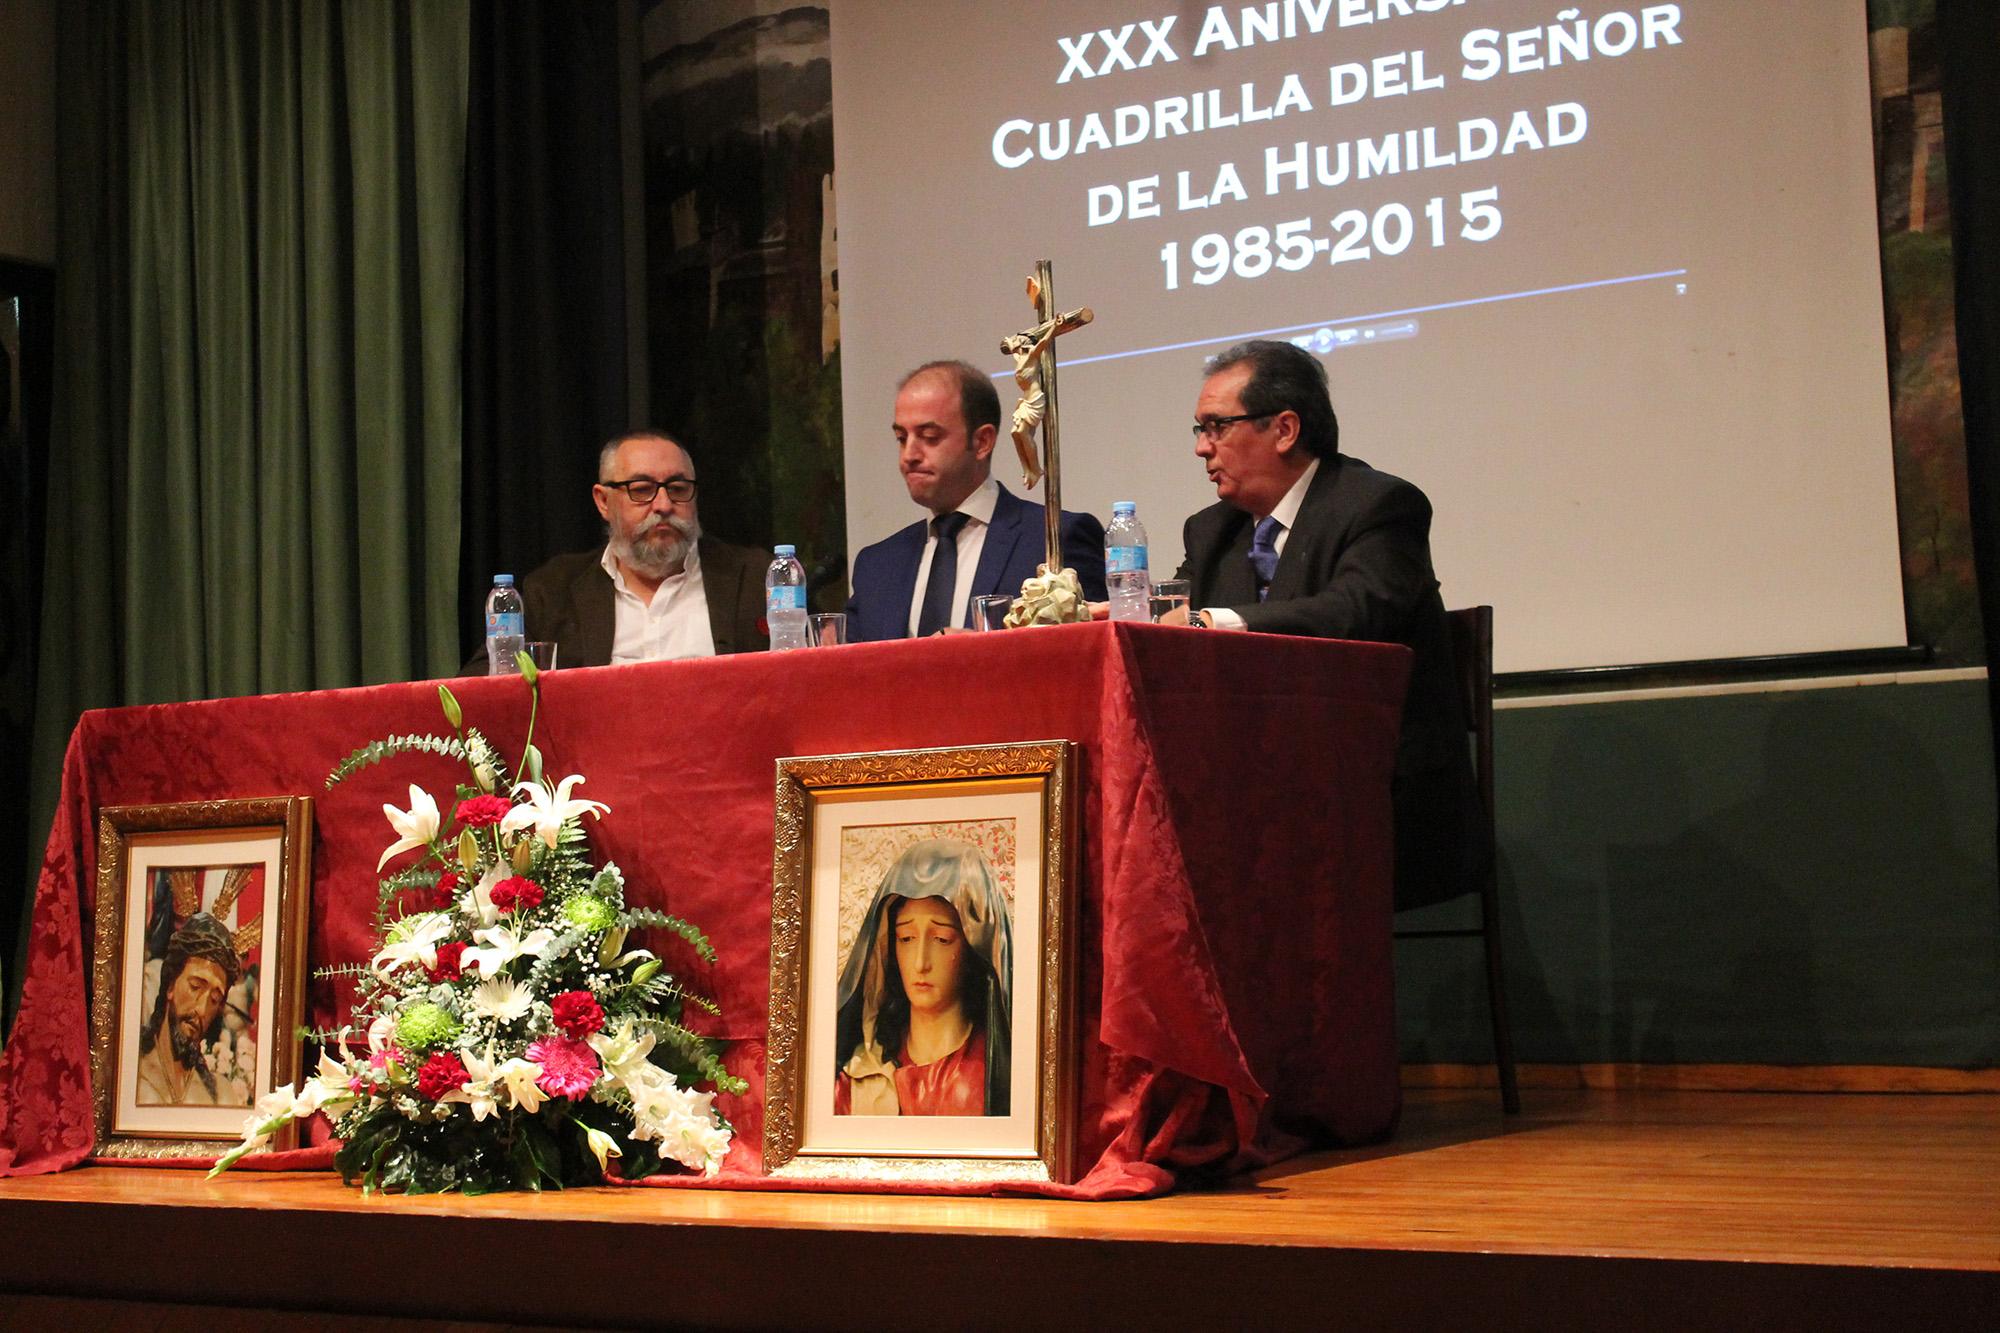 XXX aniversario Costaleros Humildad